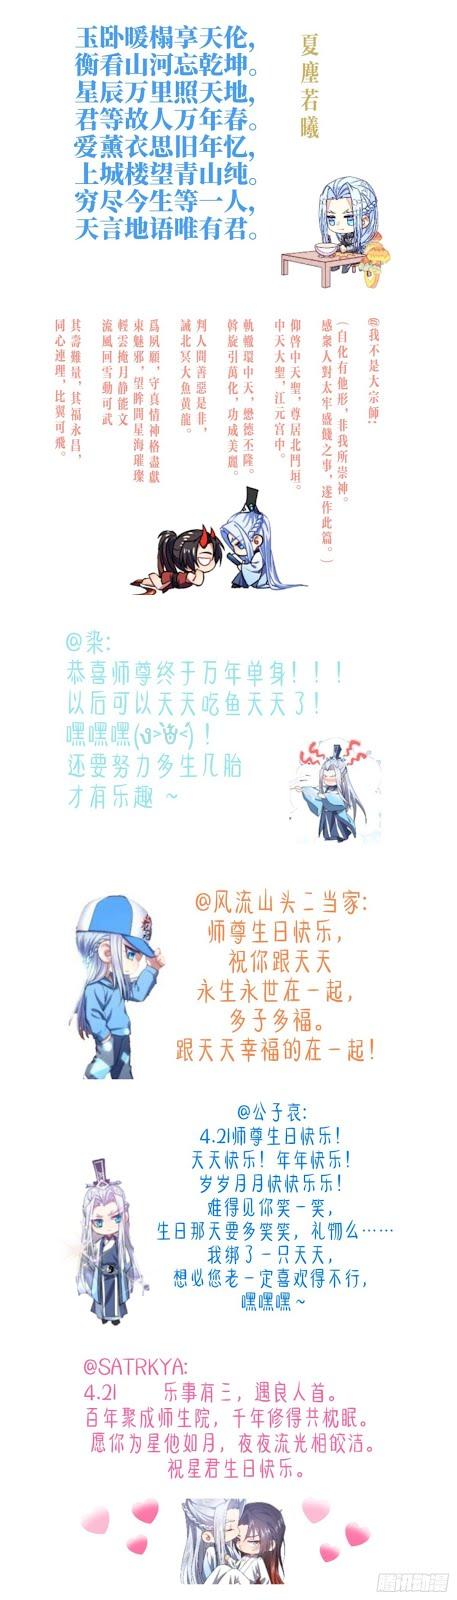 化龍記: 師尊生辰賀禮(同人圖文免費章) - 第6页